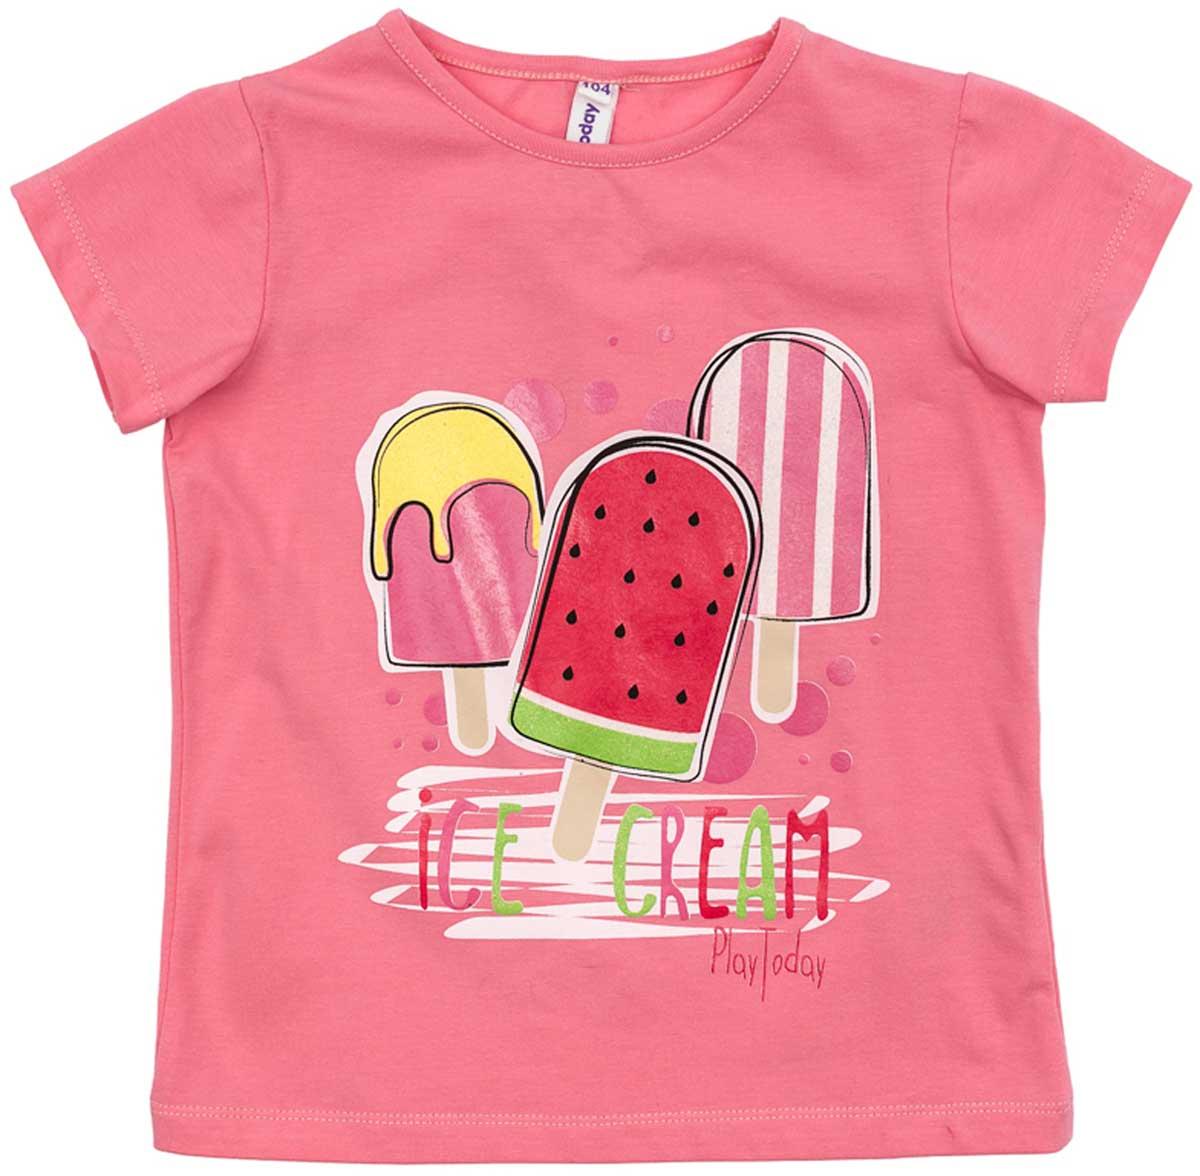 Футболка для девочки PlayToday, цвет: розовый, красный, желтый, светло-зеленый. 172163. Размер 98172163Футболка для девочки PlayToday выполнена из хлопка и эластана. Модель с круглым вырезом горловины и короткими рукавами оформлена оригинальным принтом.